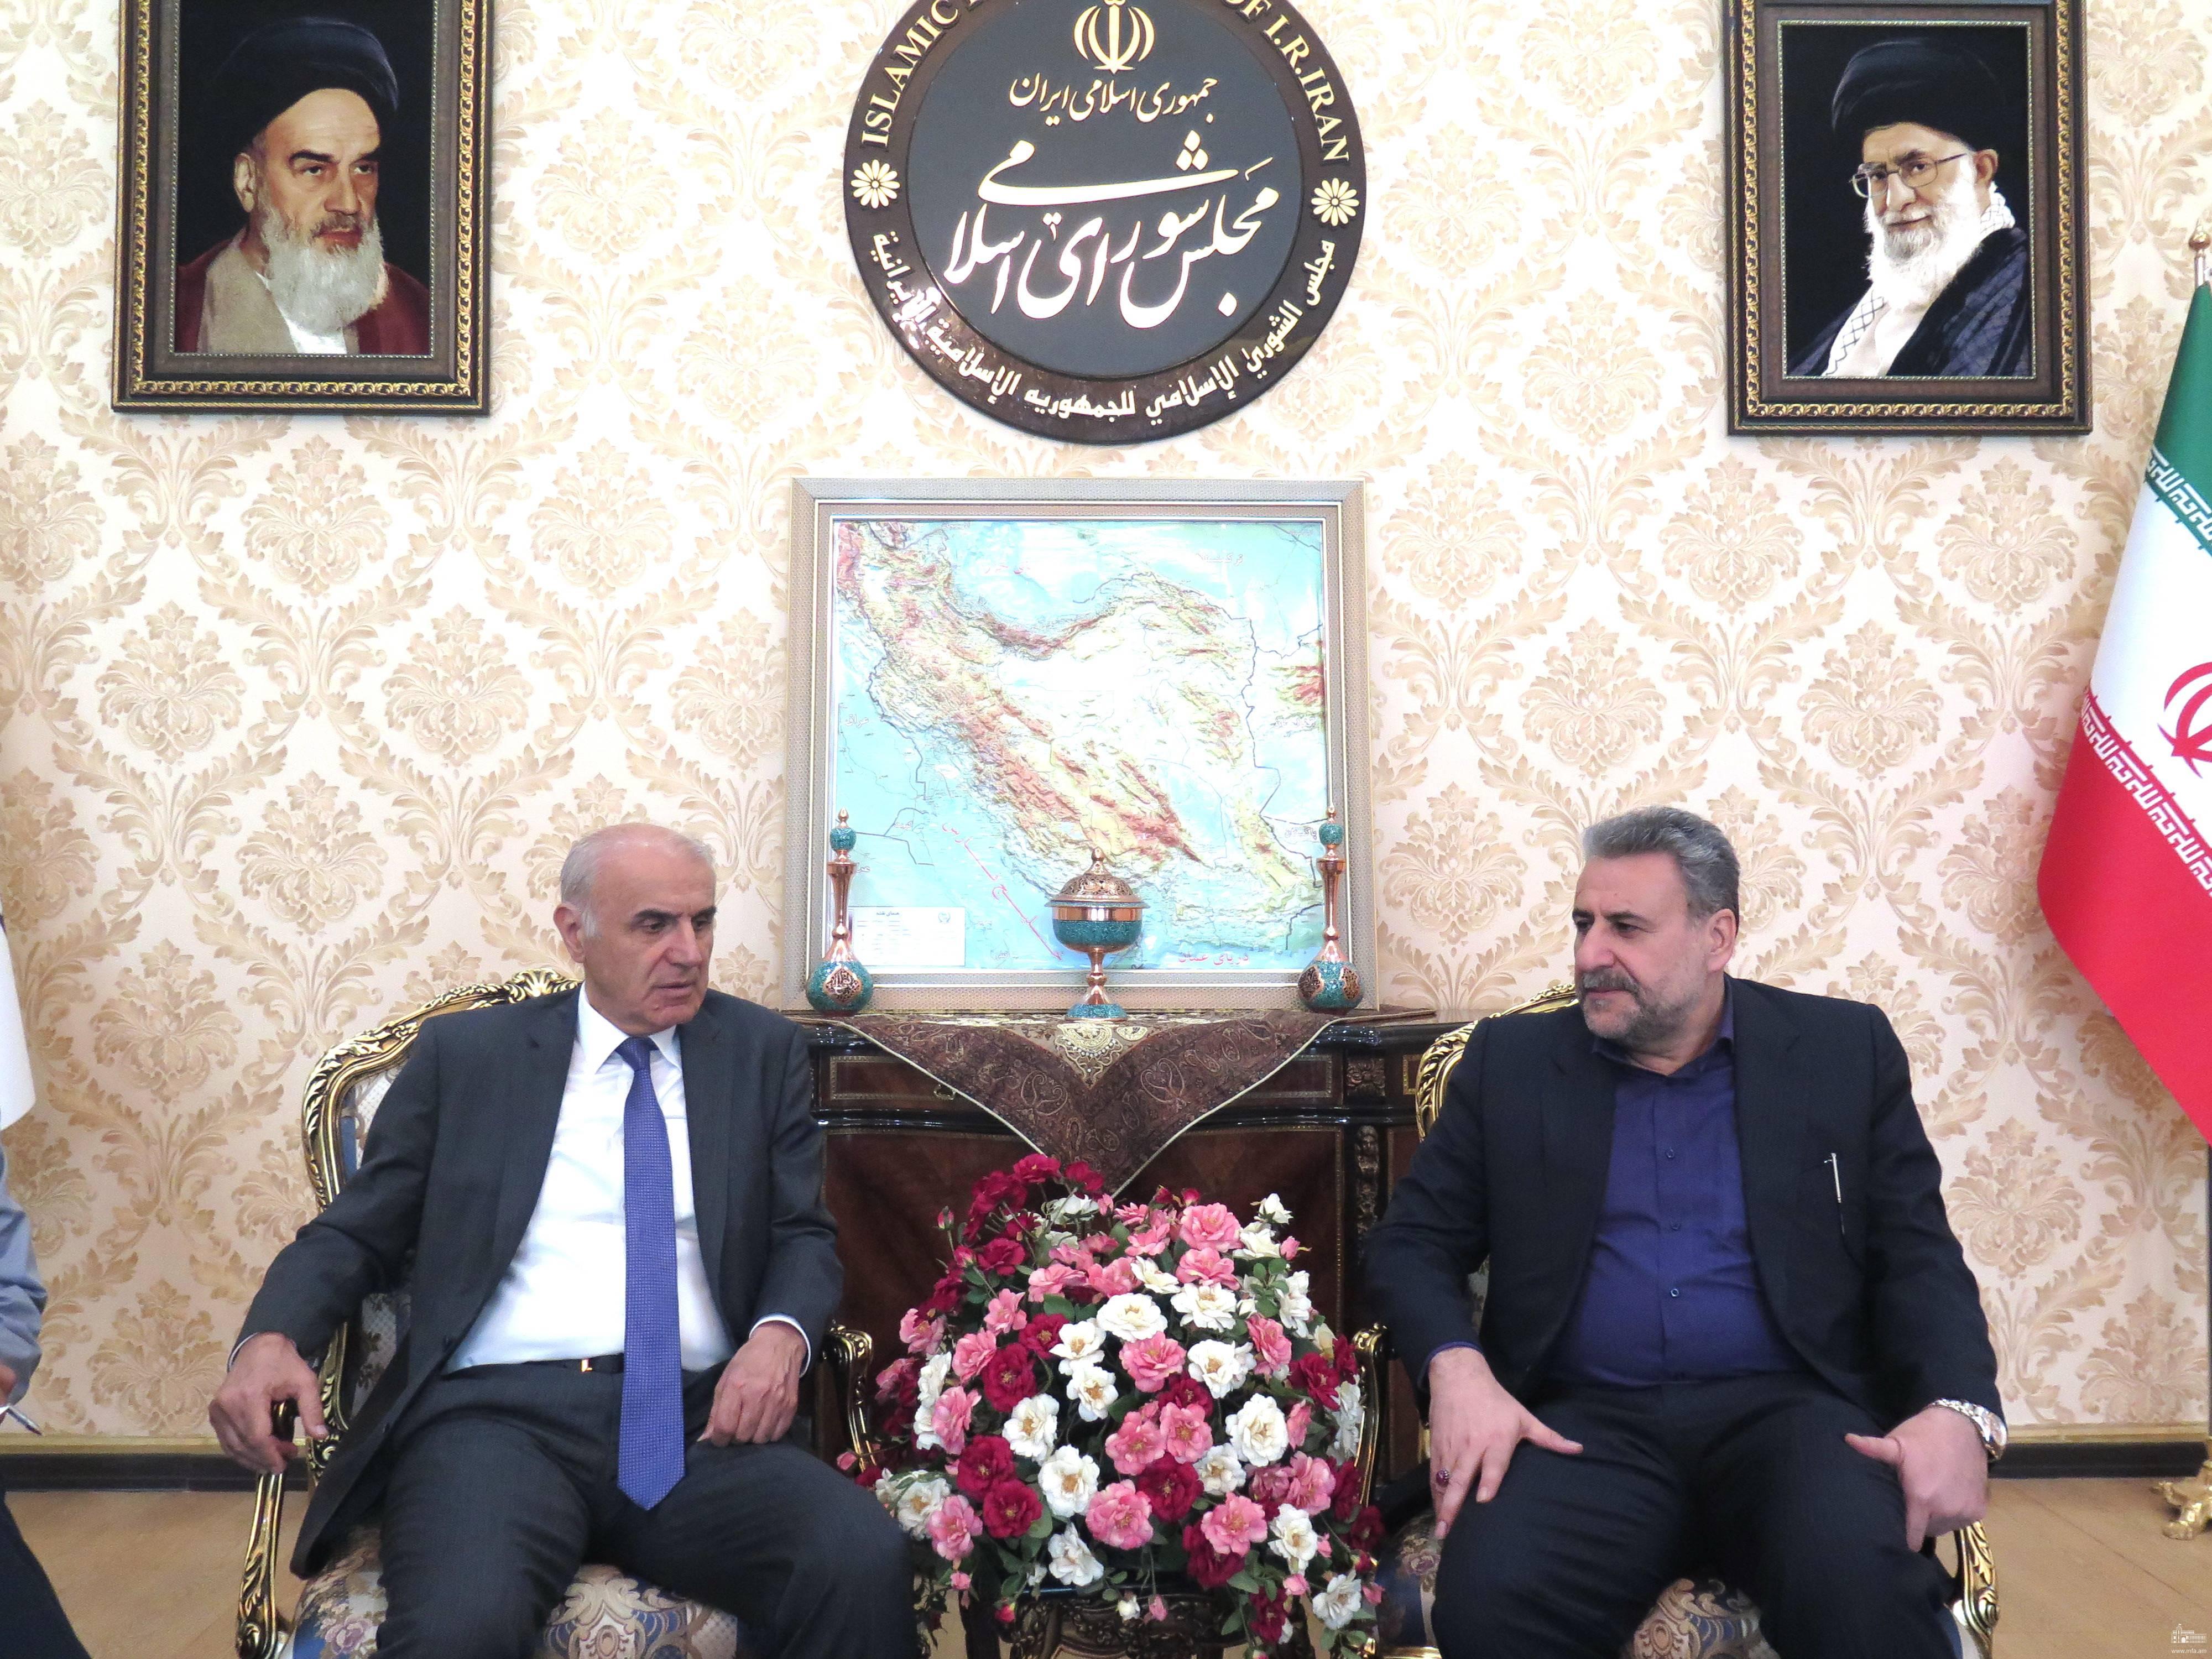 Դեսպան Թումանյանի հանդիպումն ԻԻՀ Մեջլիսի արտաքին հարաբերությունների և ազգային անվտանգության հանձնաժողովի նախագահի հետ